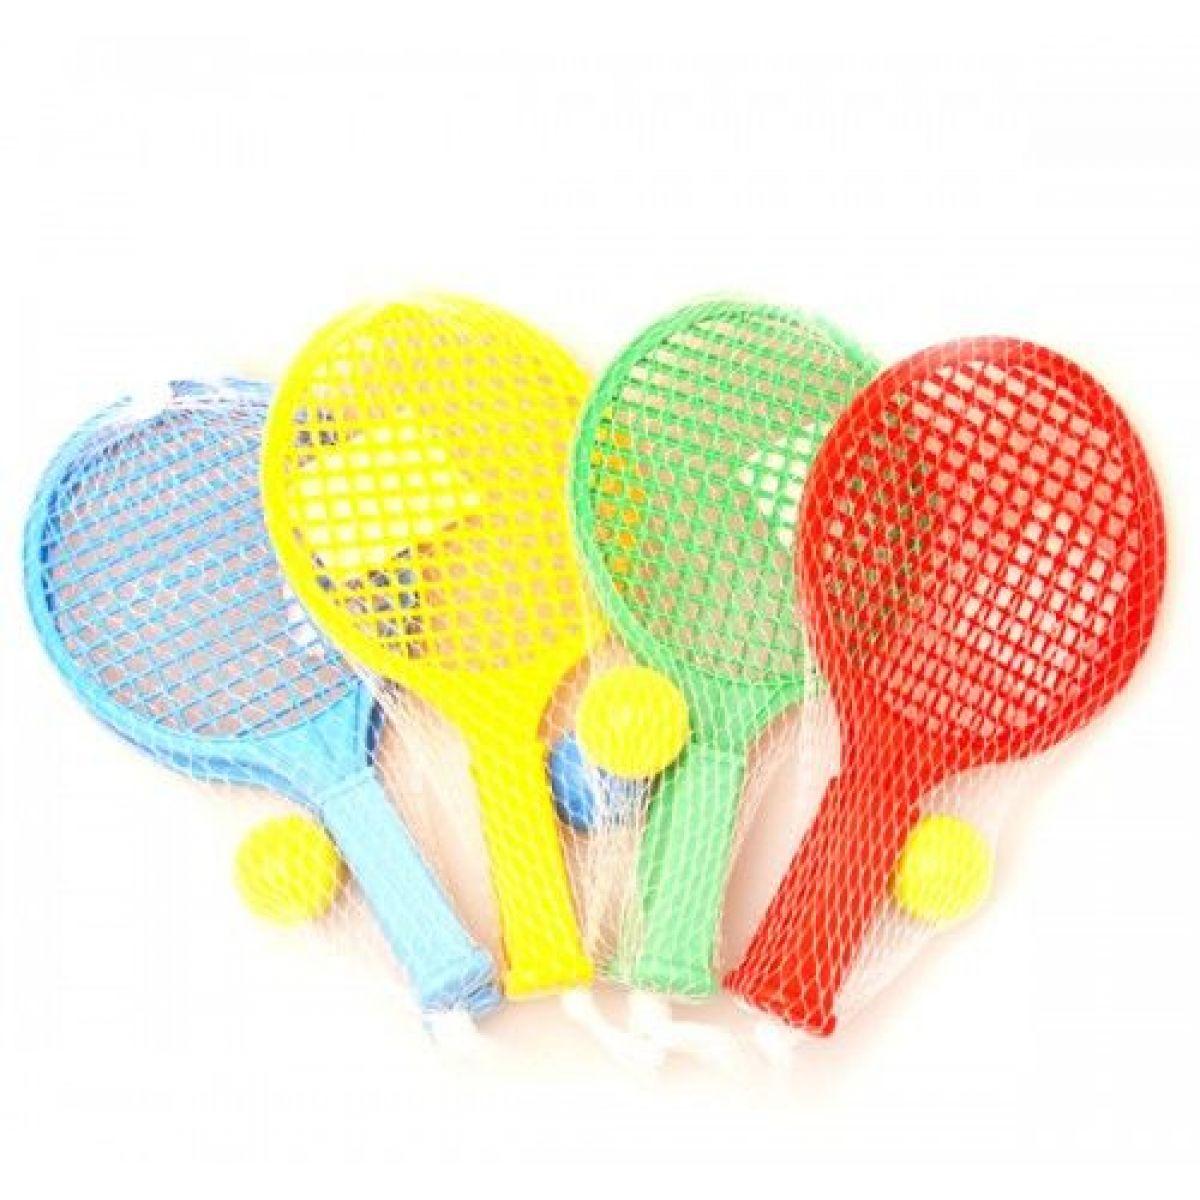 Toy Raketa plážová malá soft tenis farebný